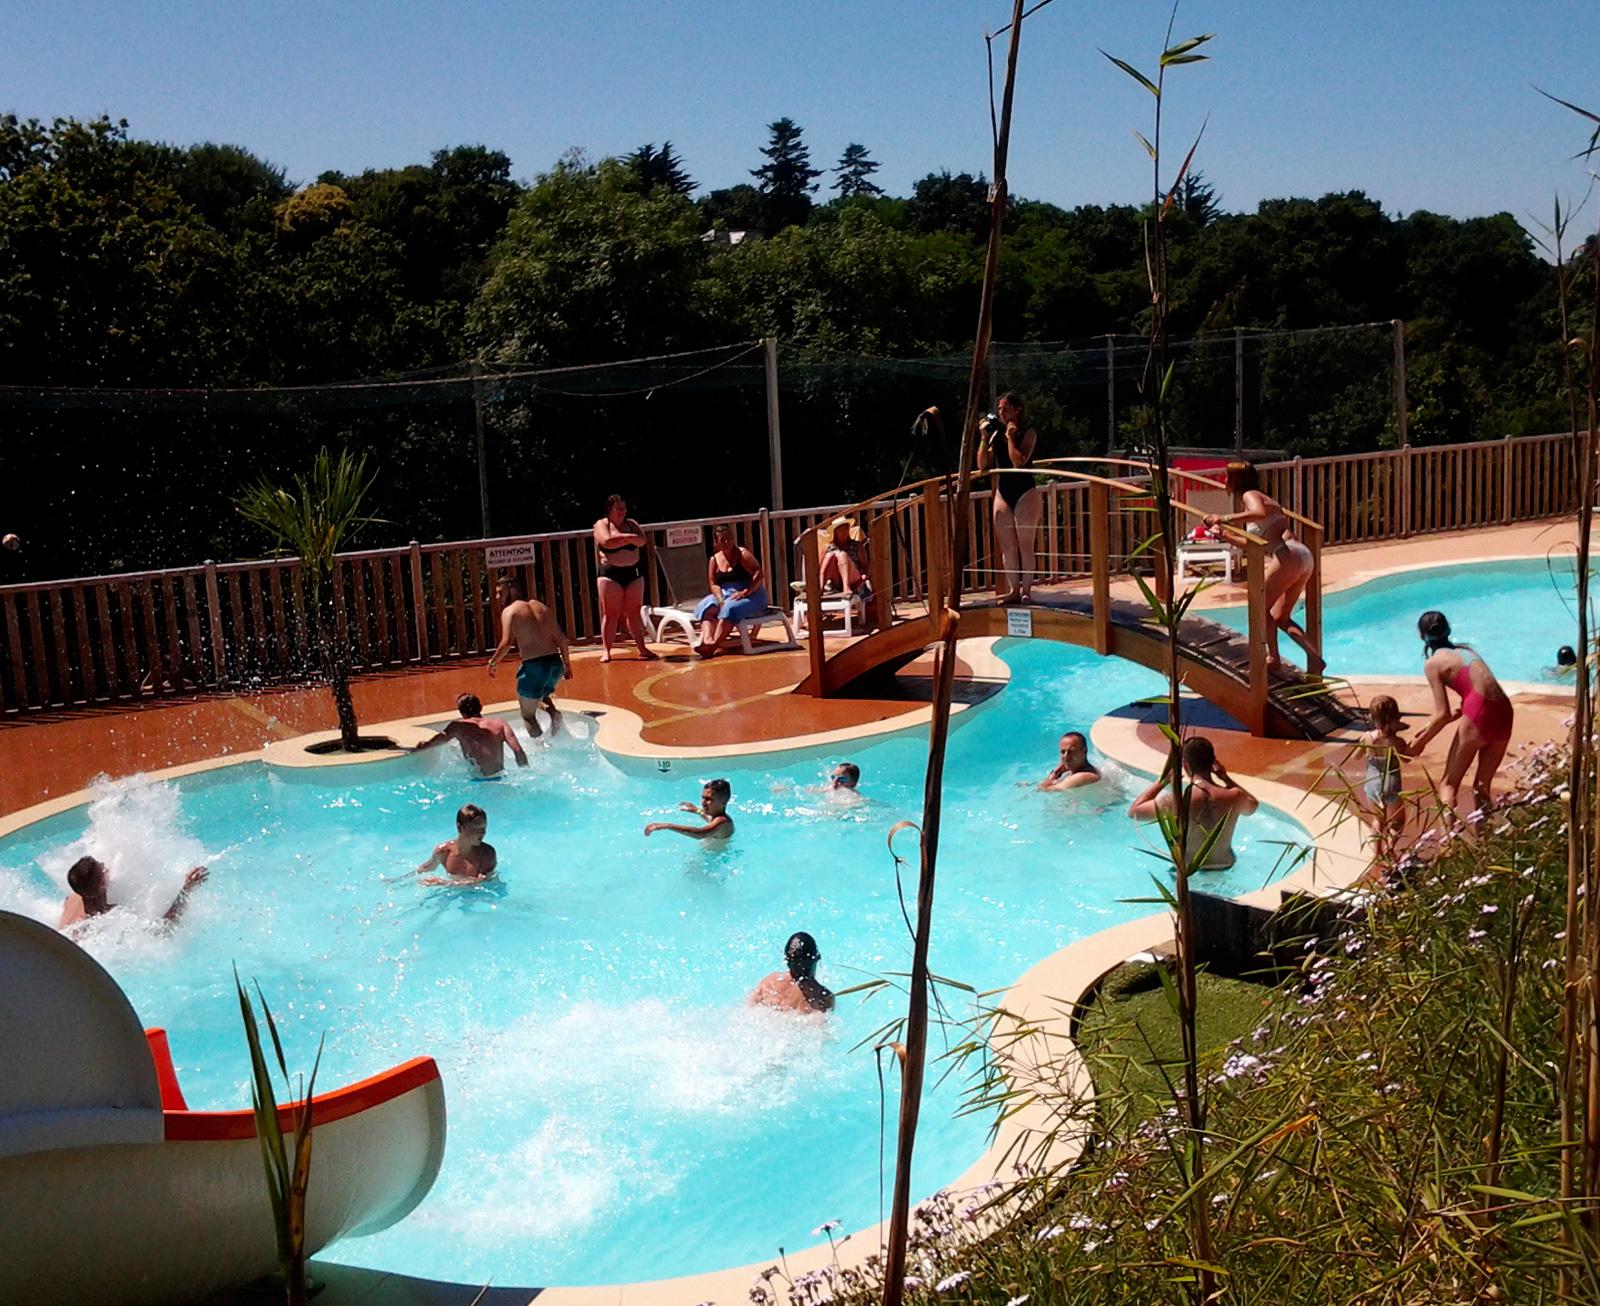 Camping bretagne avec piscine couverte chauff e camping for Camping la piscine bretagne